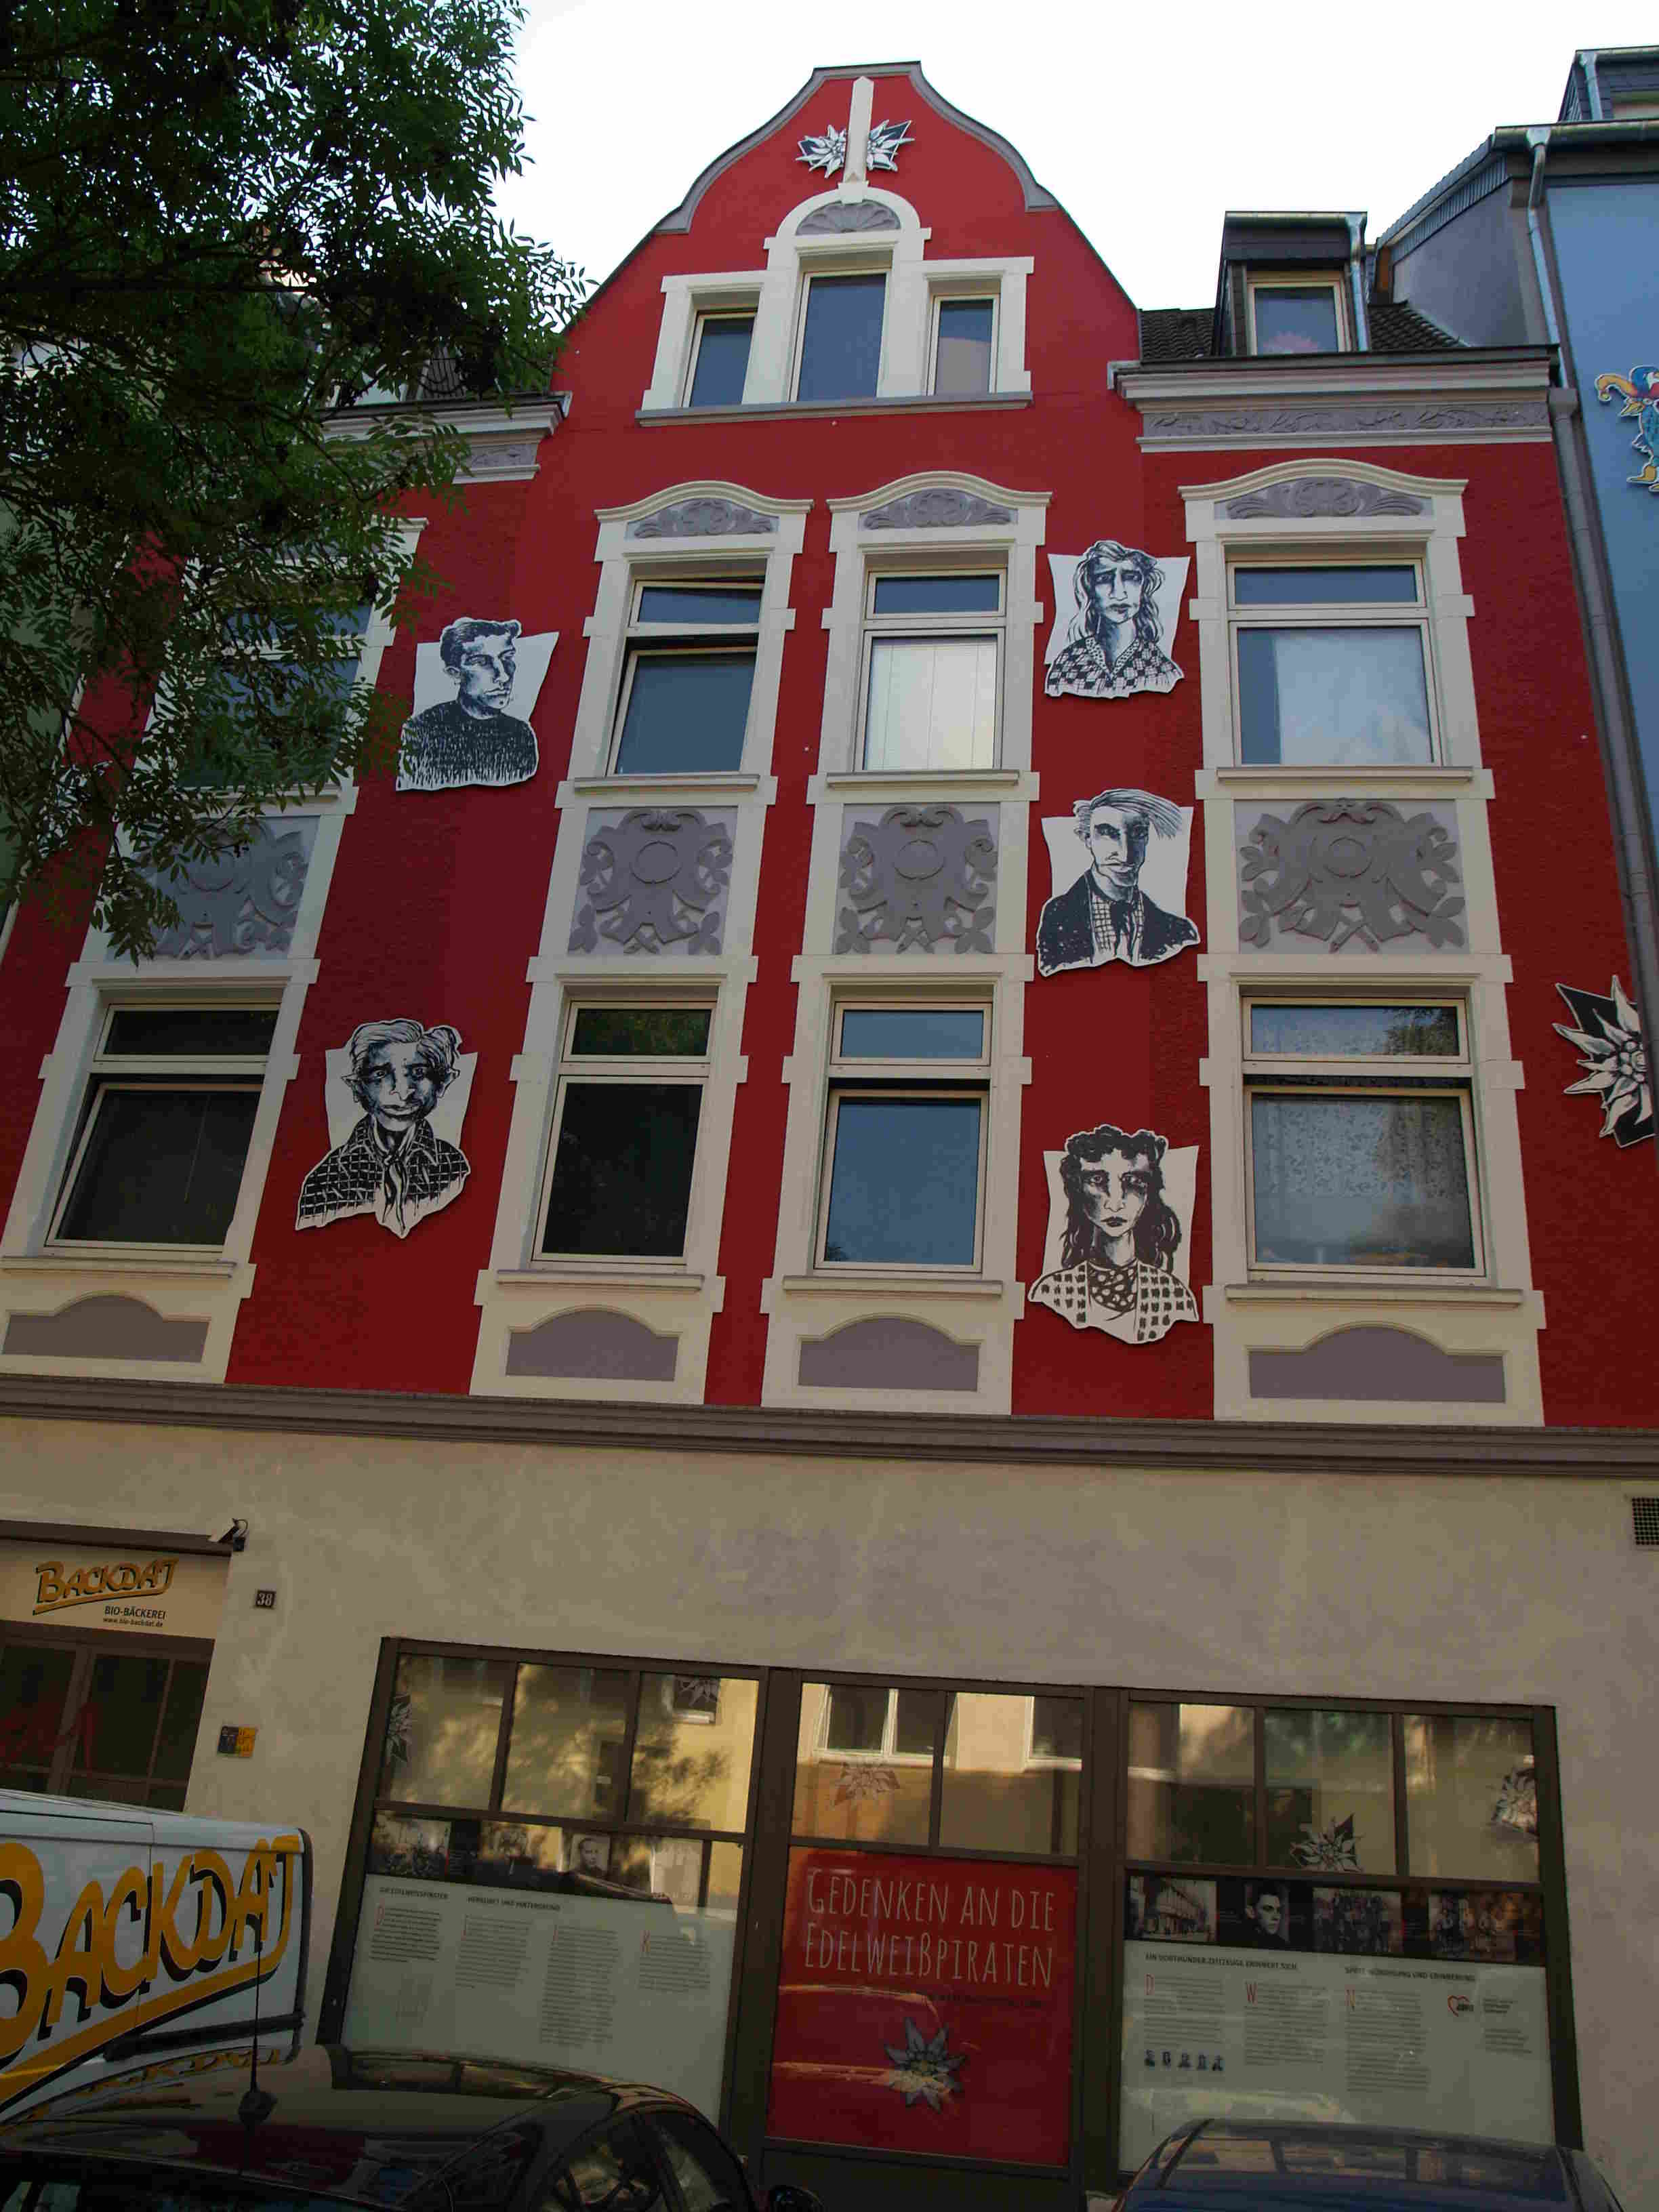 Fassadengestaltung durch Günter Rückert, Schleswiger Straße, Nordstadt (Foto: H.Koch)